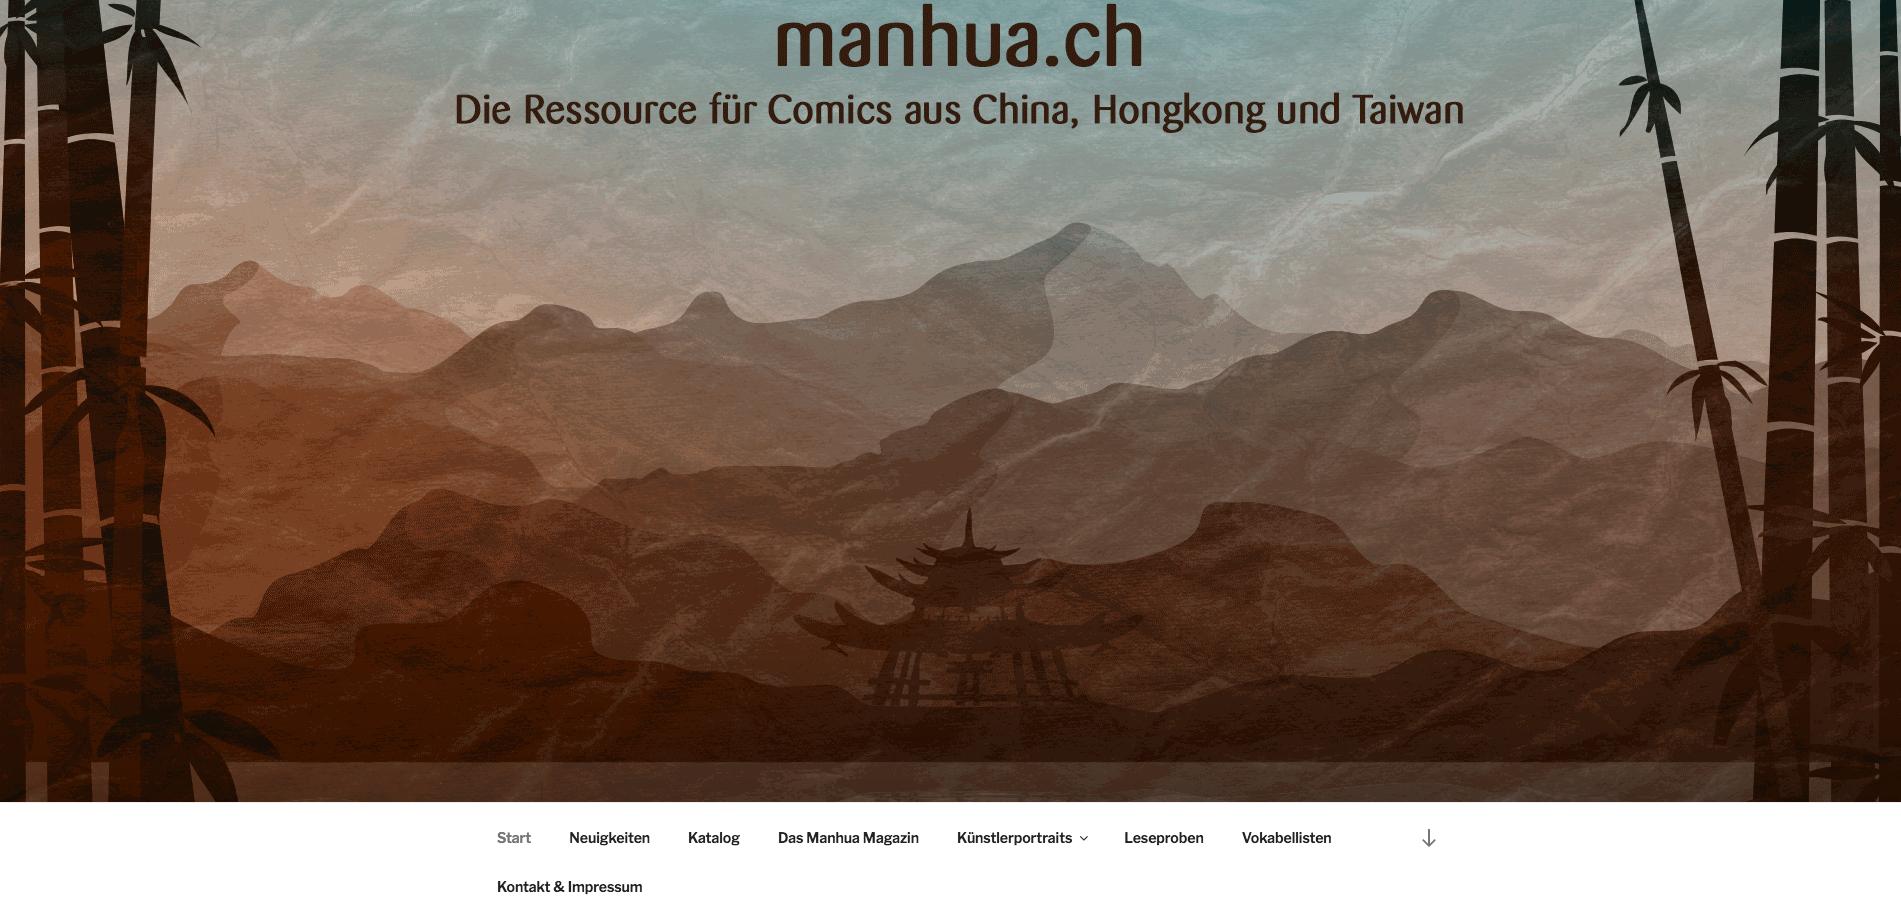 Link zu manhua.ch